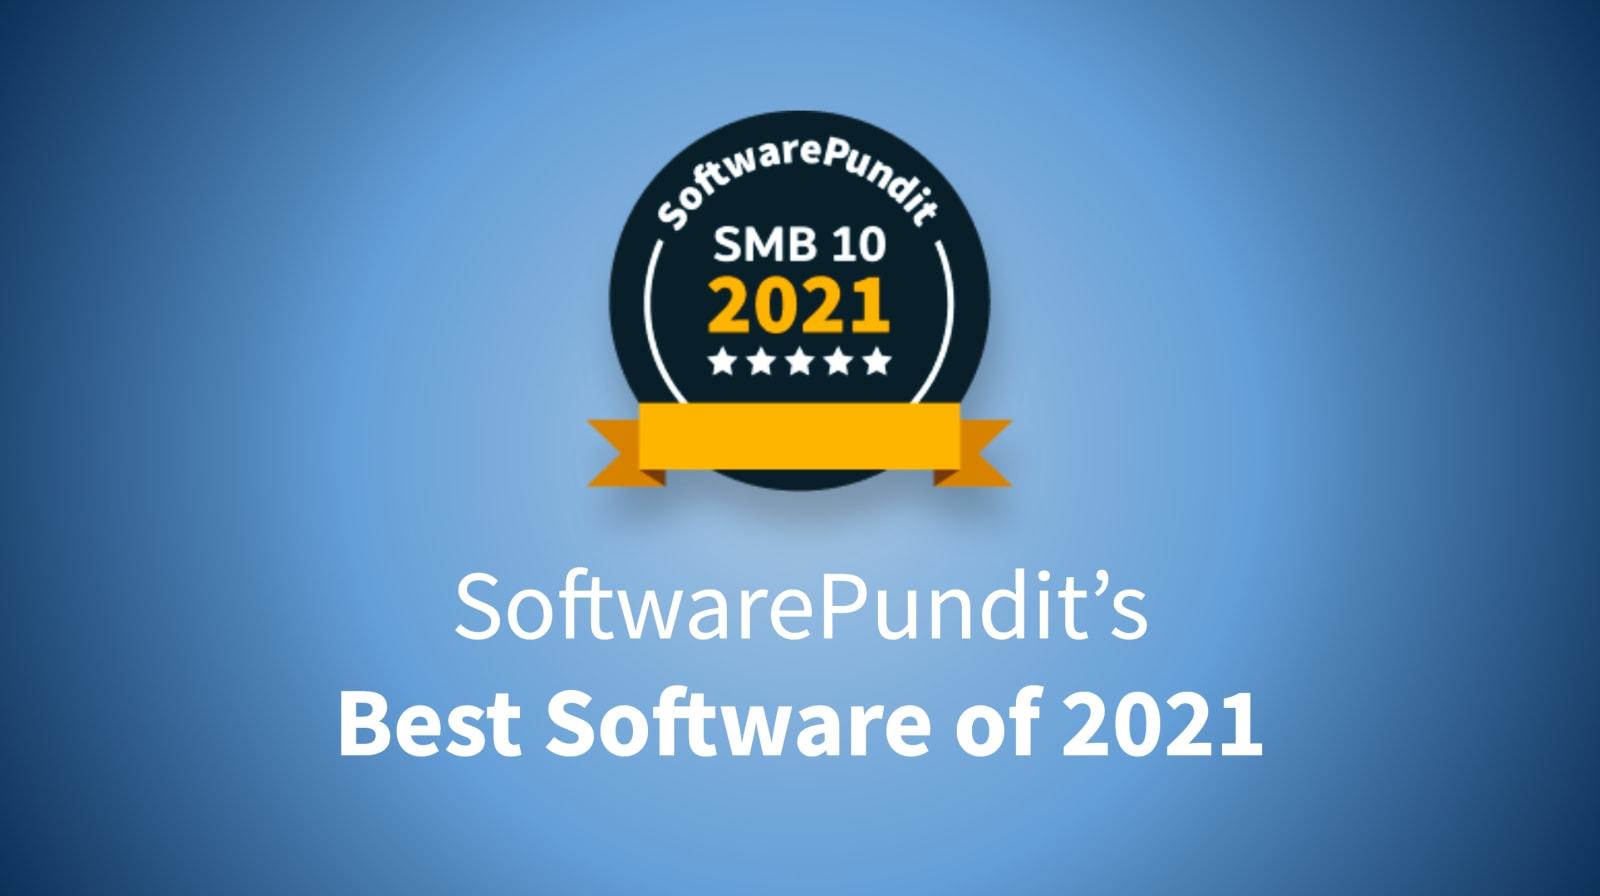 2021 SoftwarePundit SMB10 hero image